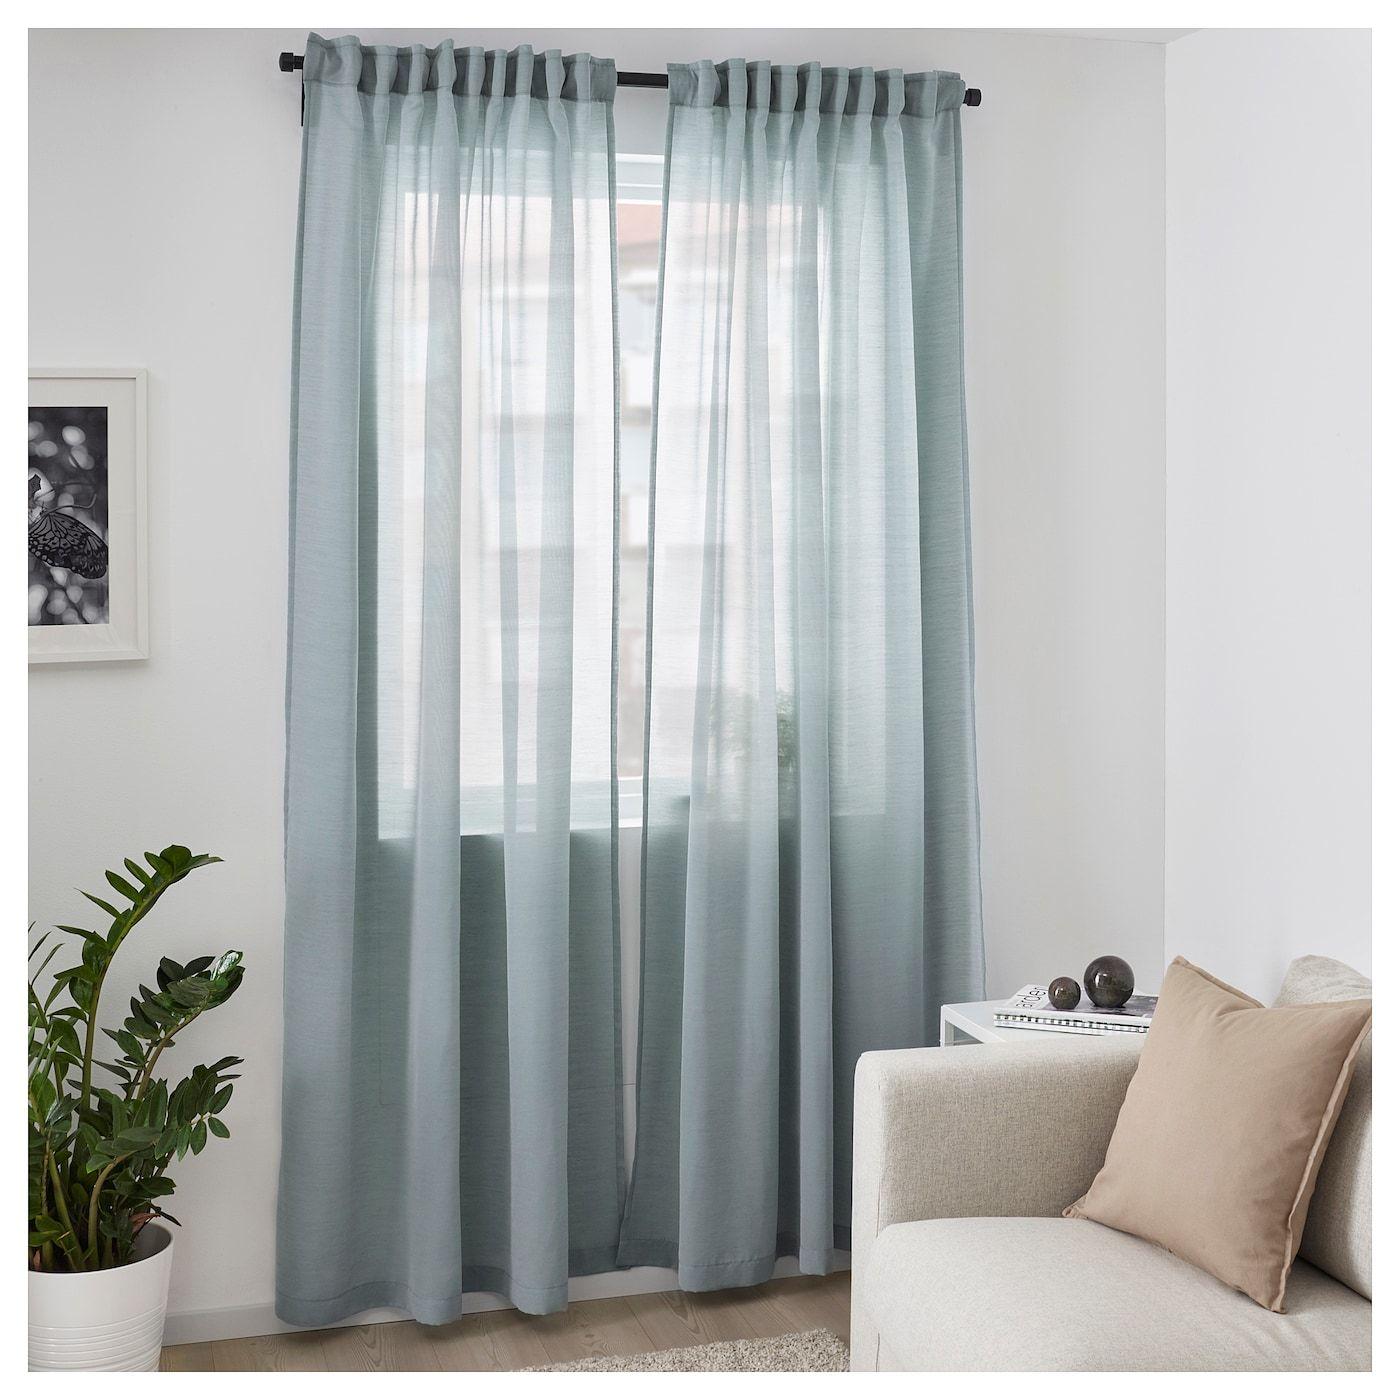 Möbel & Einrichtungsideen für dein Zuhause Gardinen